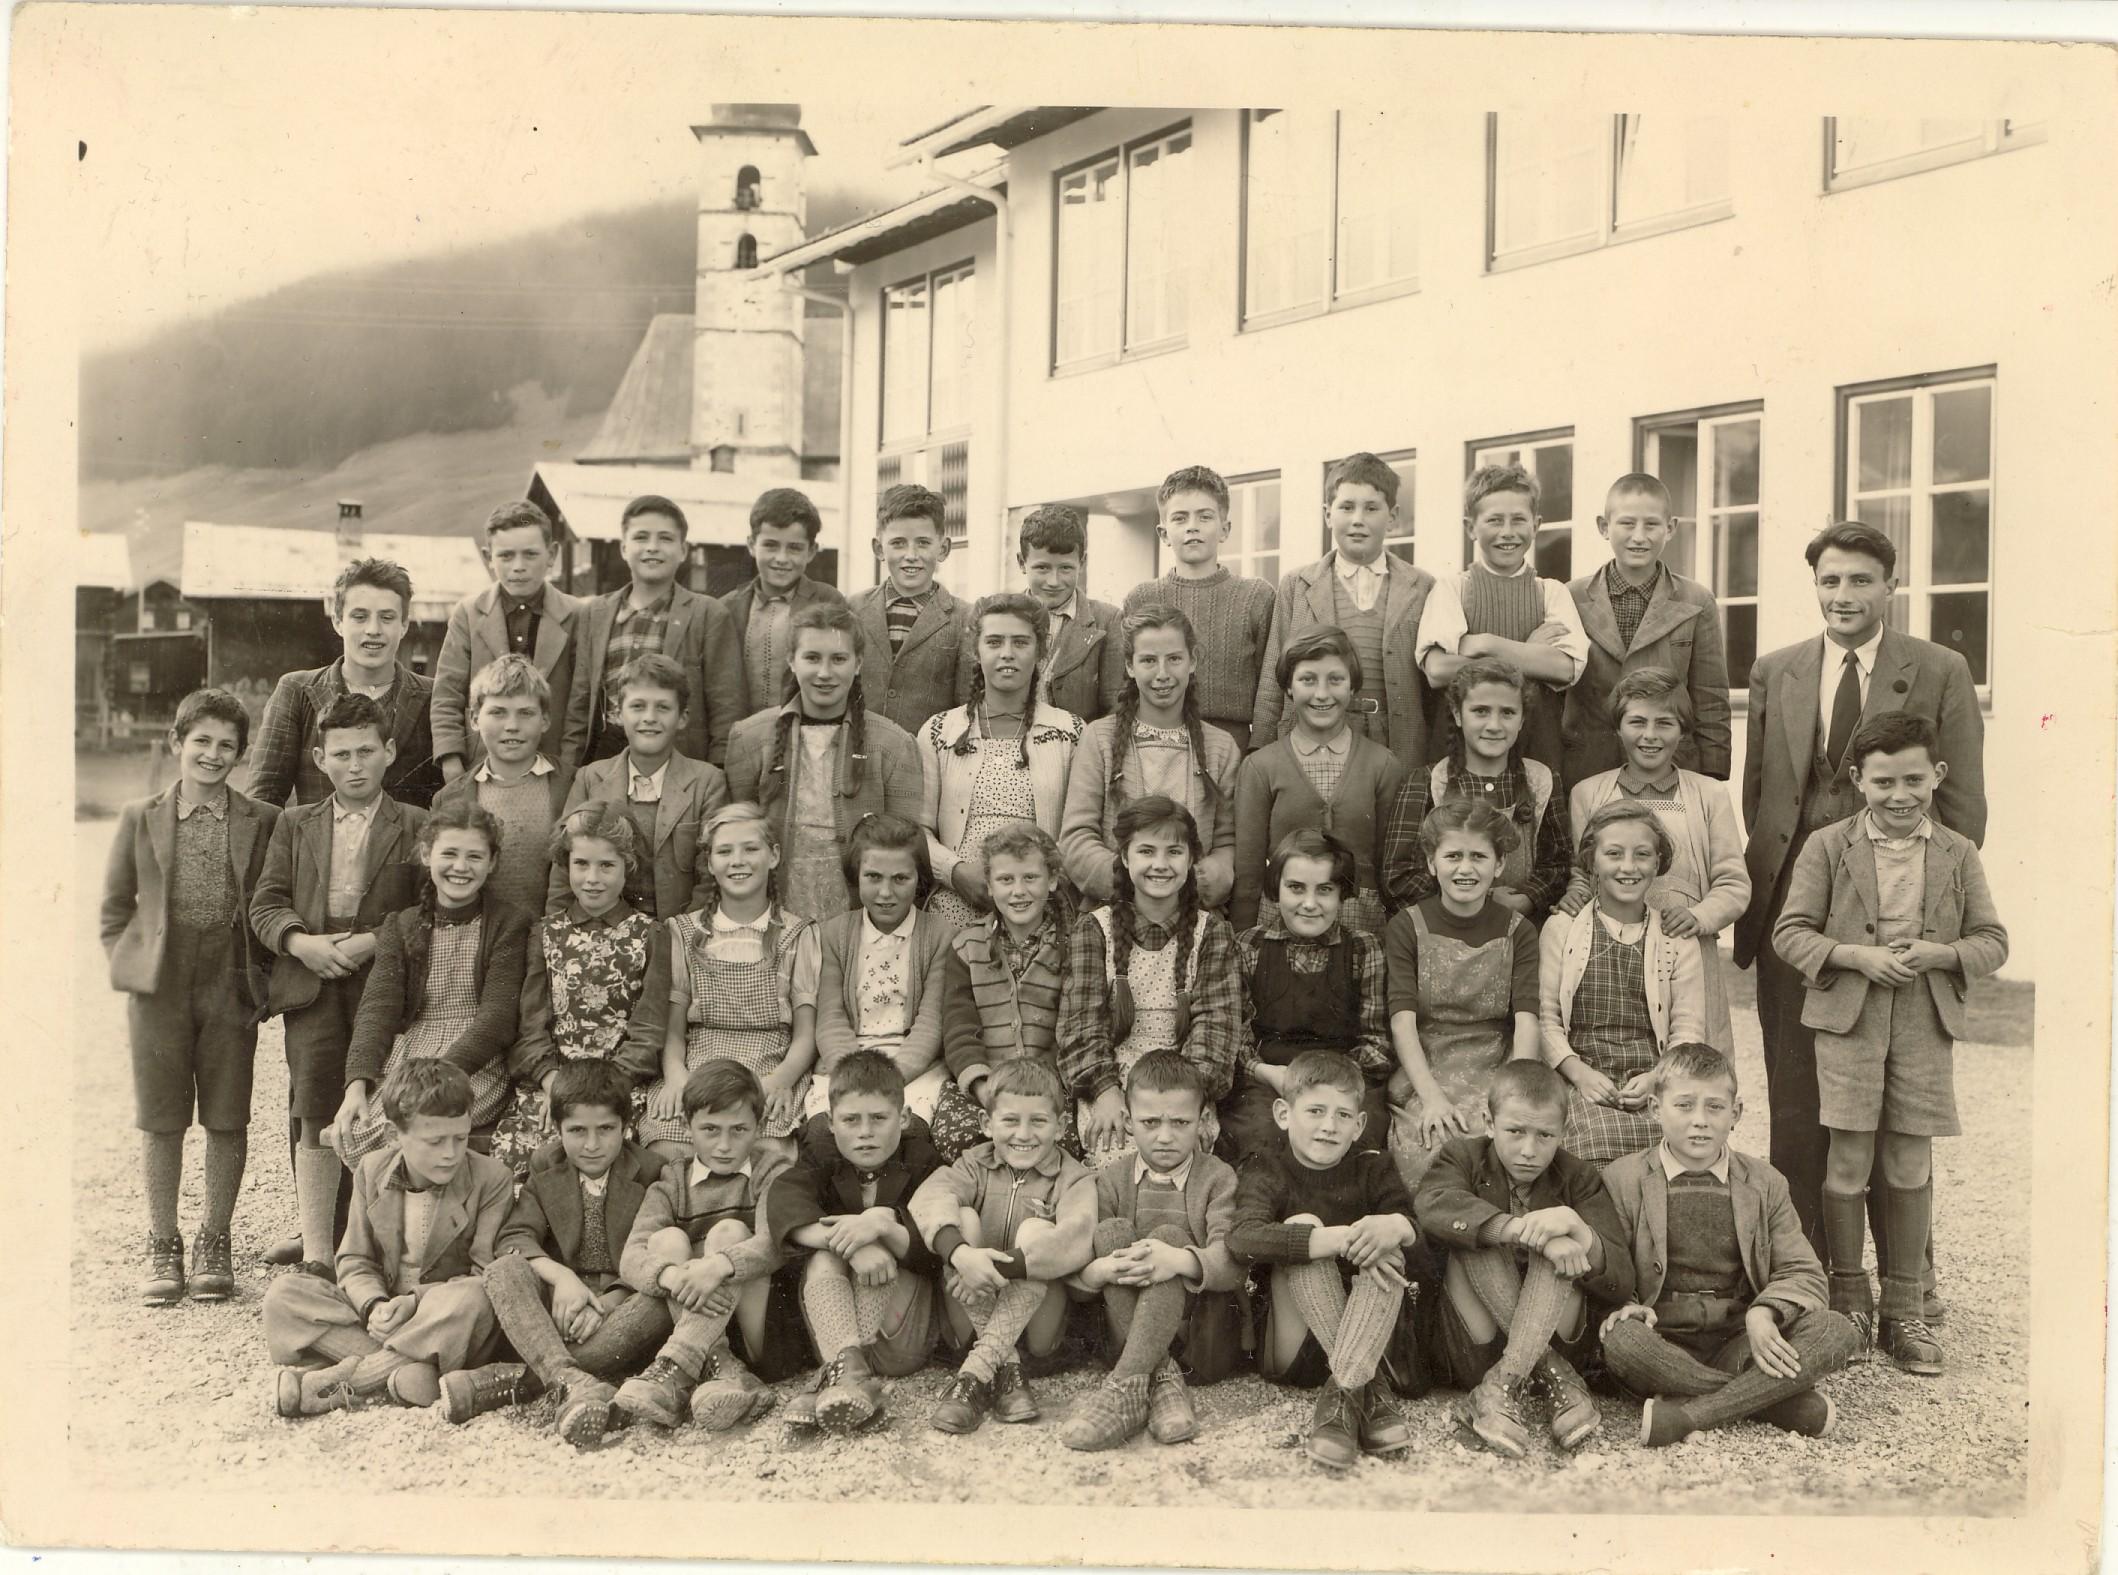 Sola primara Lumbrein 1955